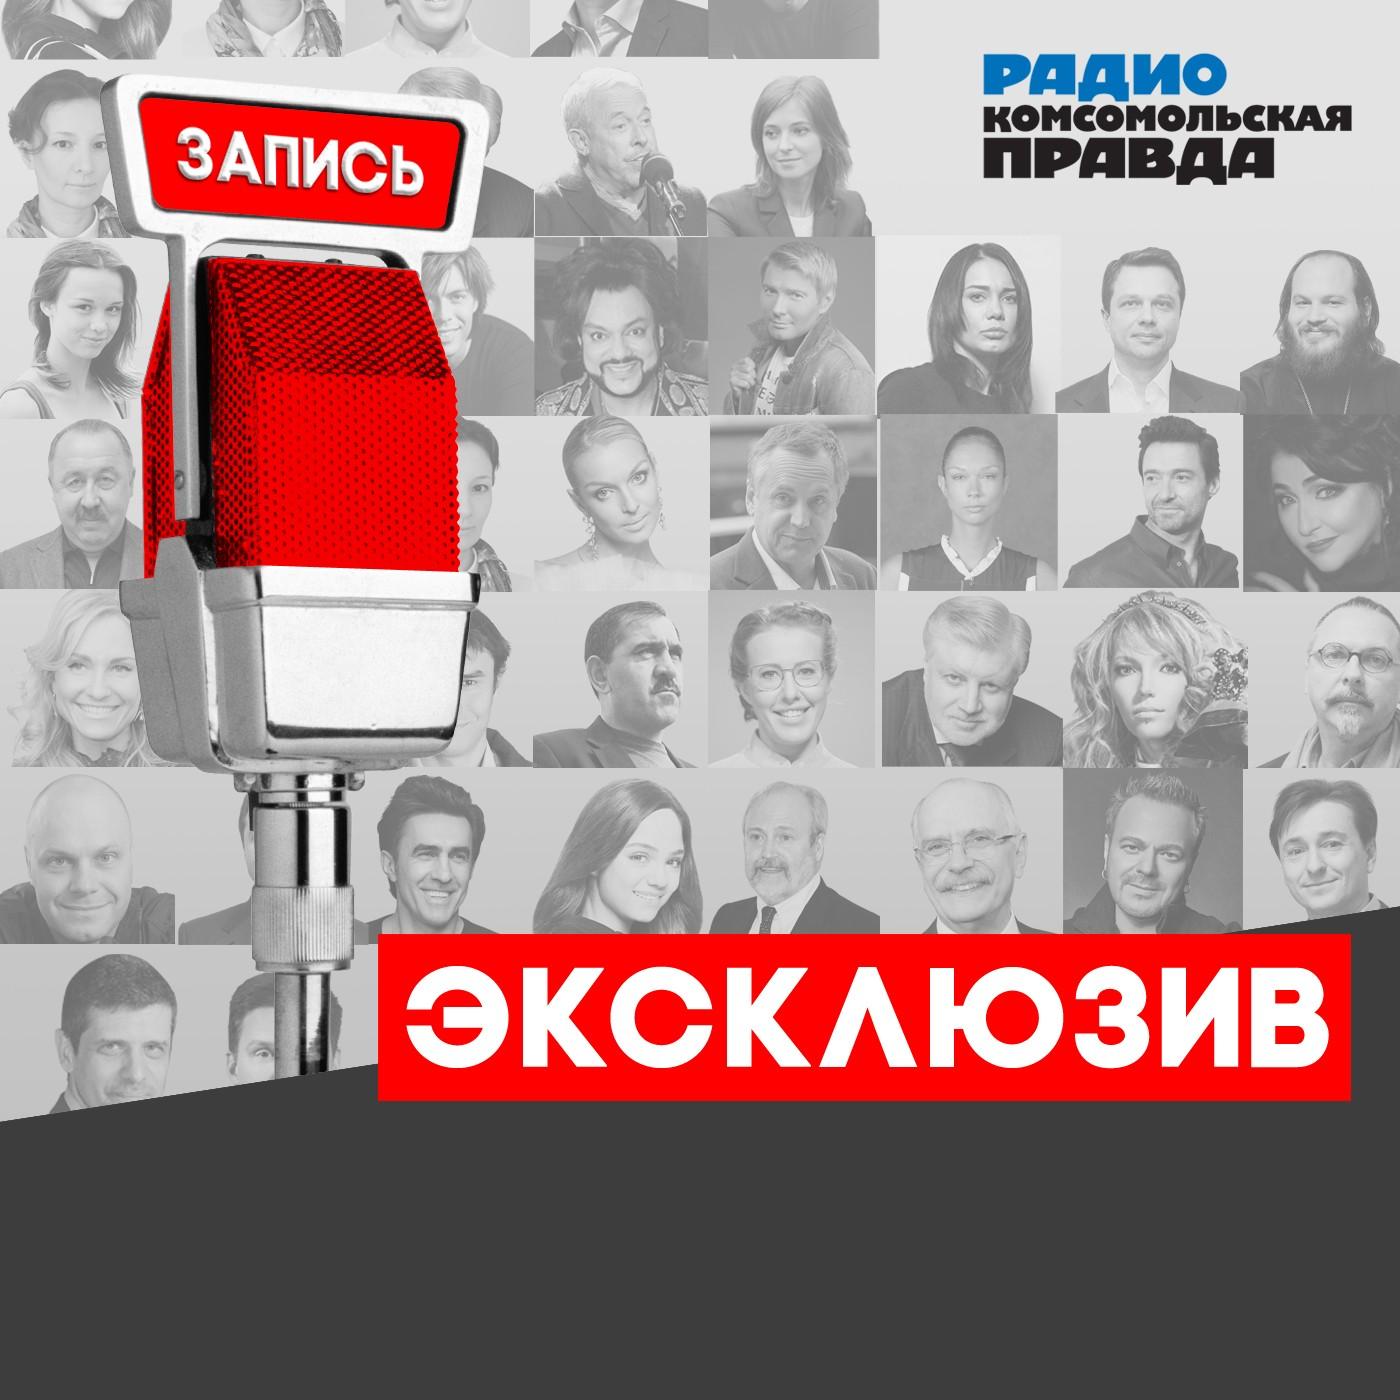 Радио «Комсомольская правда» Дмитрий Рогозин: Базу на Луне планируем построить к 2030 году дмитрий рогозин 0 ястребы мира дневник русского посла